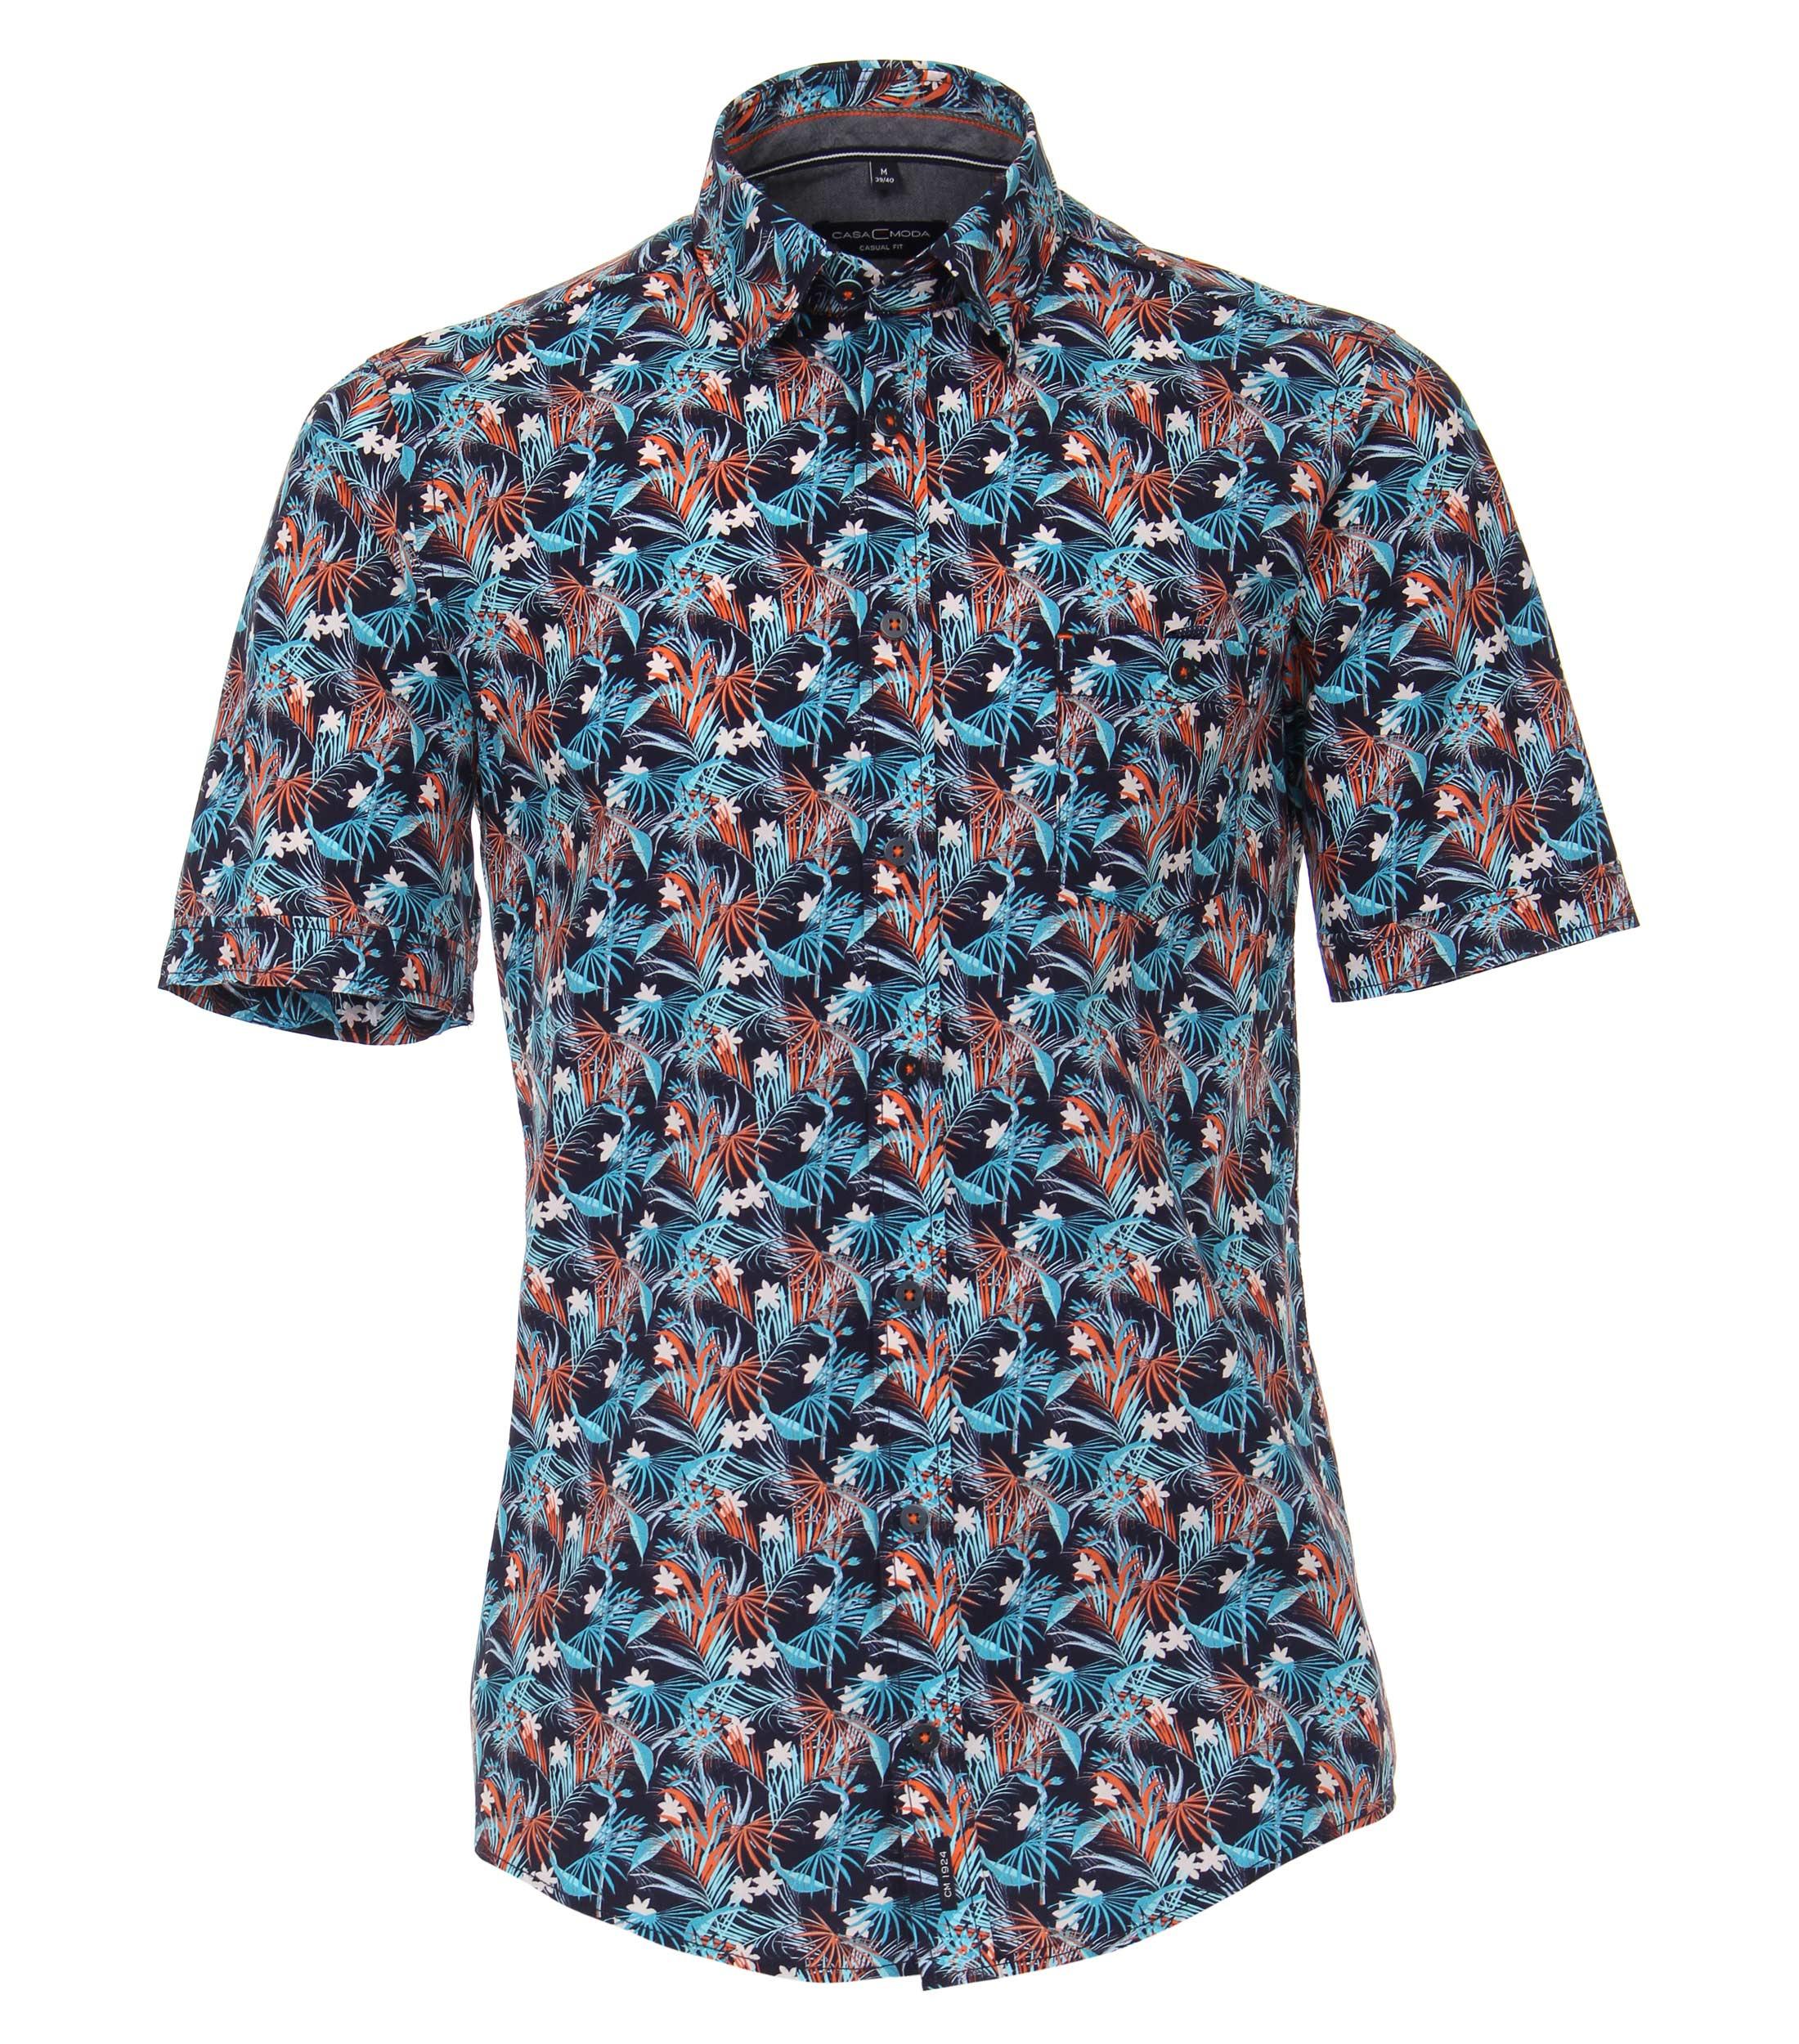 casual overhemd met print van merk Casa Moda in de kleur oranje/blauw, gemaakt van 100% katoen.